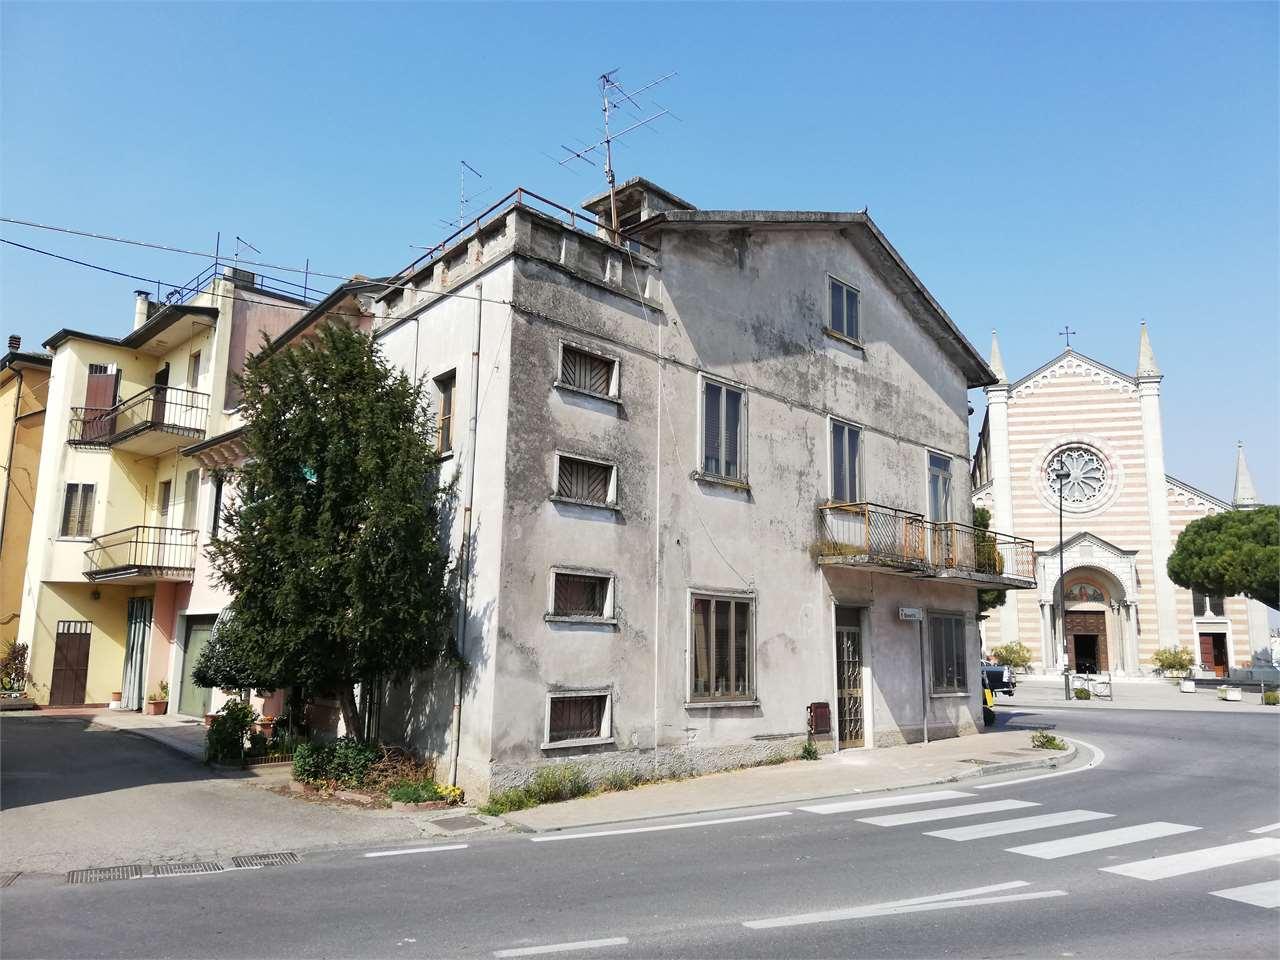 Appartamento in vendita a Ronco all'Adige, 5 locali, zona Zona: Albaro, prezzo € 60.000 | CambioCasa.it